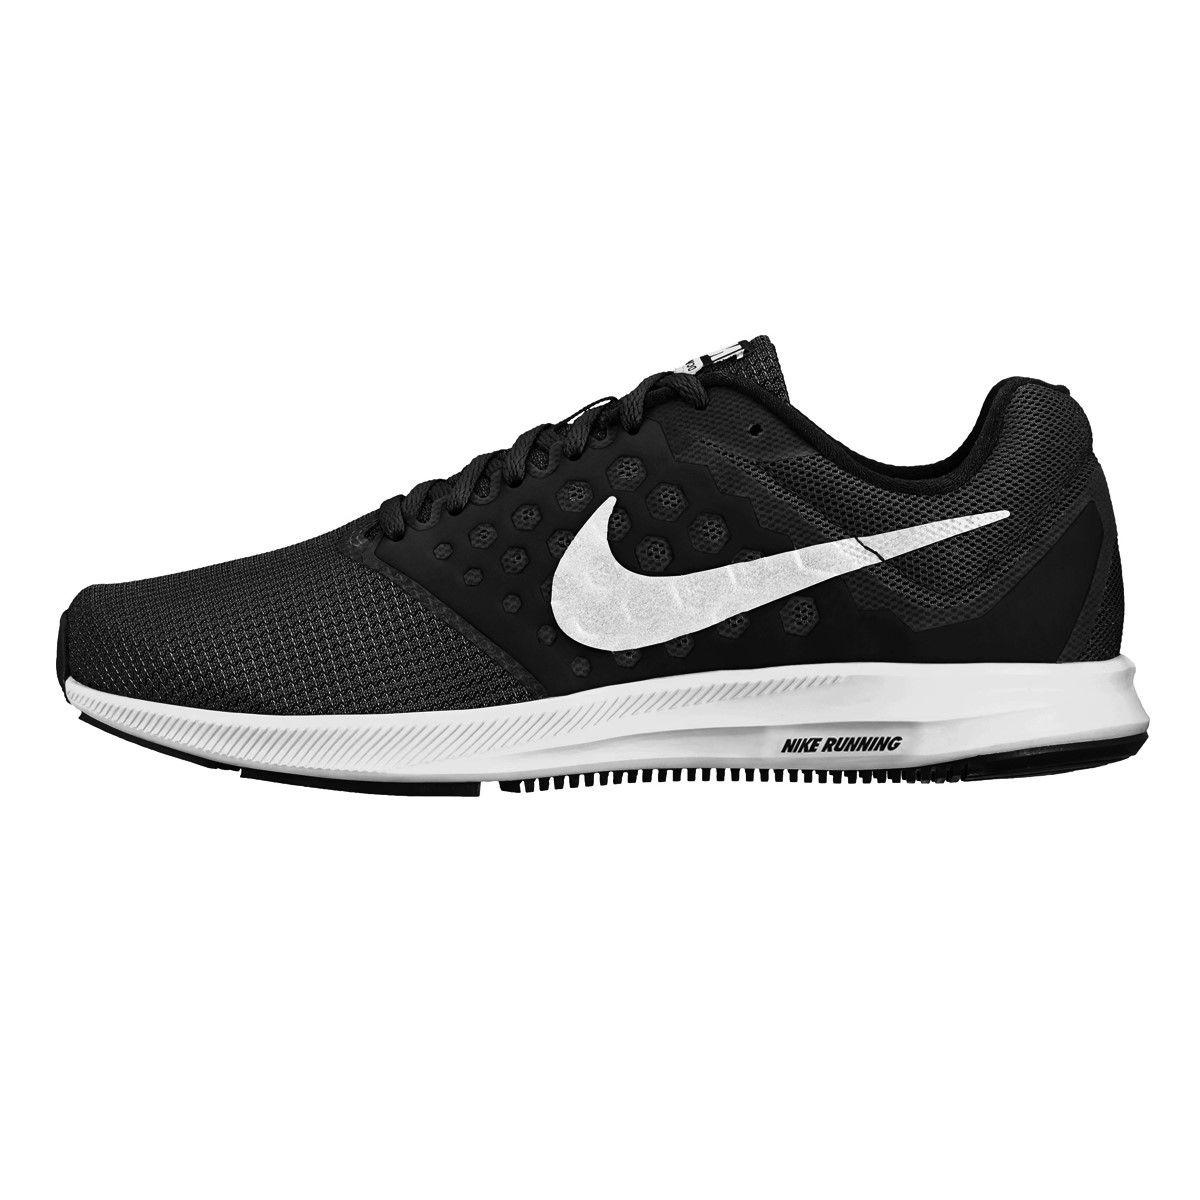 Nike Wmns Downshifter 7 Bayan Koşu Ayakkabısı 852466010